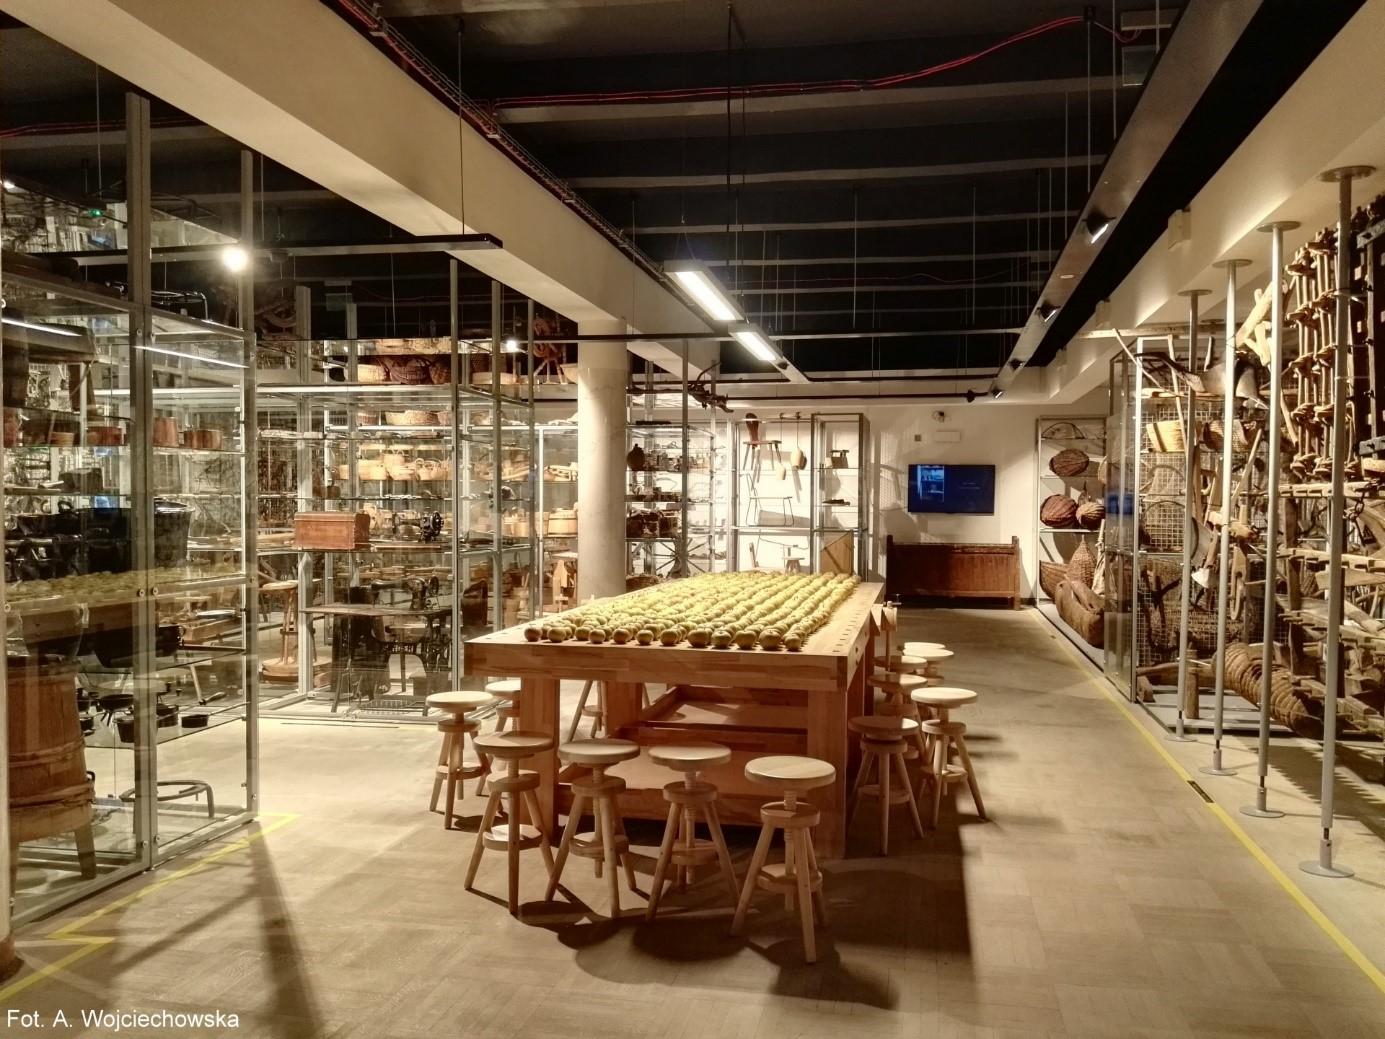 """Na fotografii duży stół wykonany z drewna klejonego, przypominający stół stolarski, oraz stołki kręcone, w przestrzeni wystawy """"Porządek rzeczy""""."""